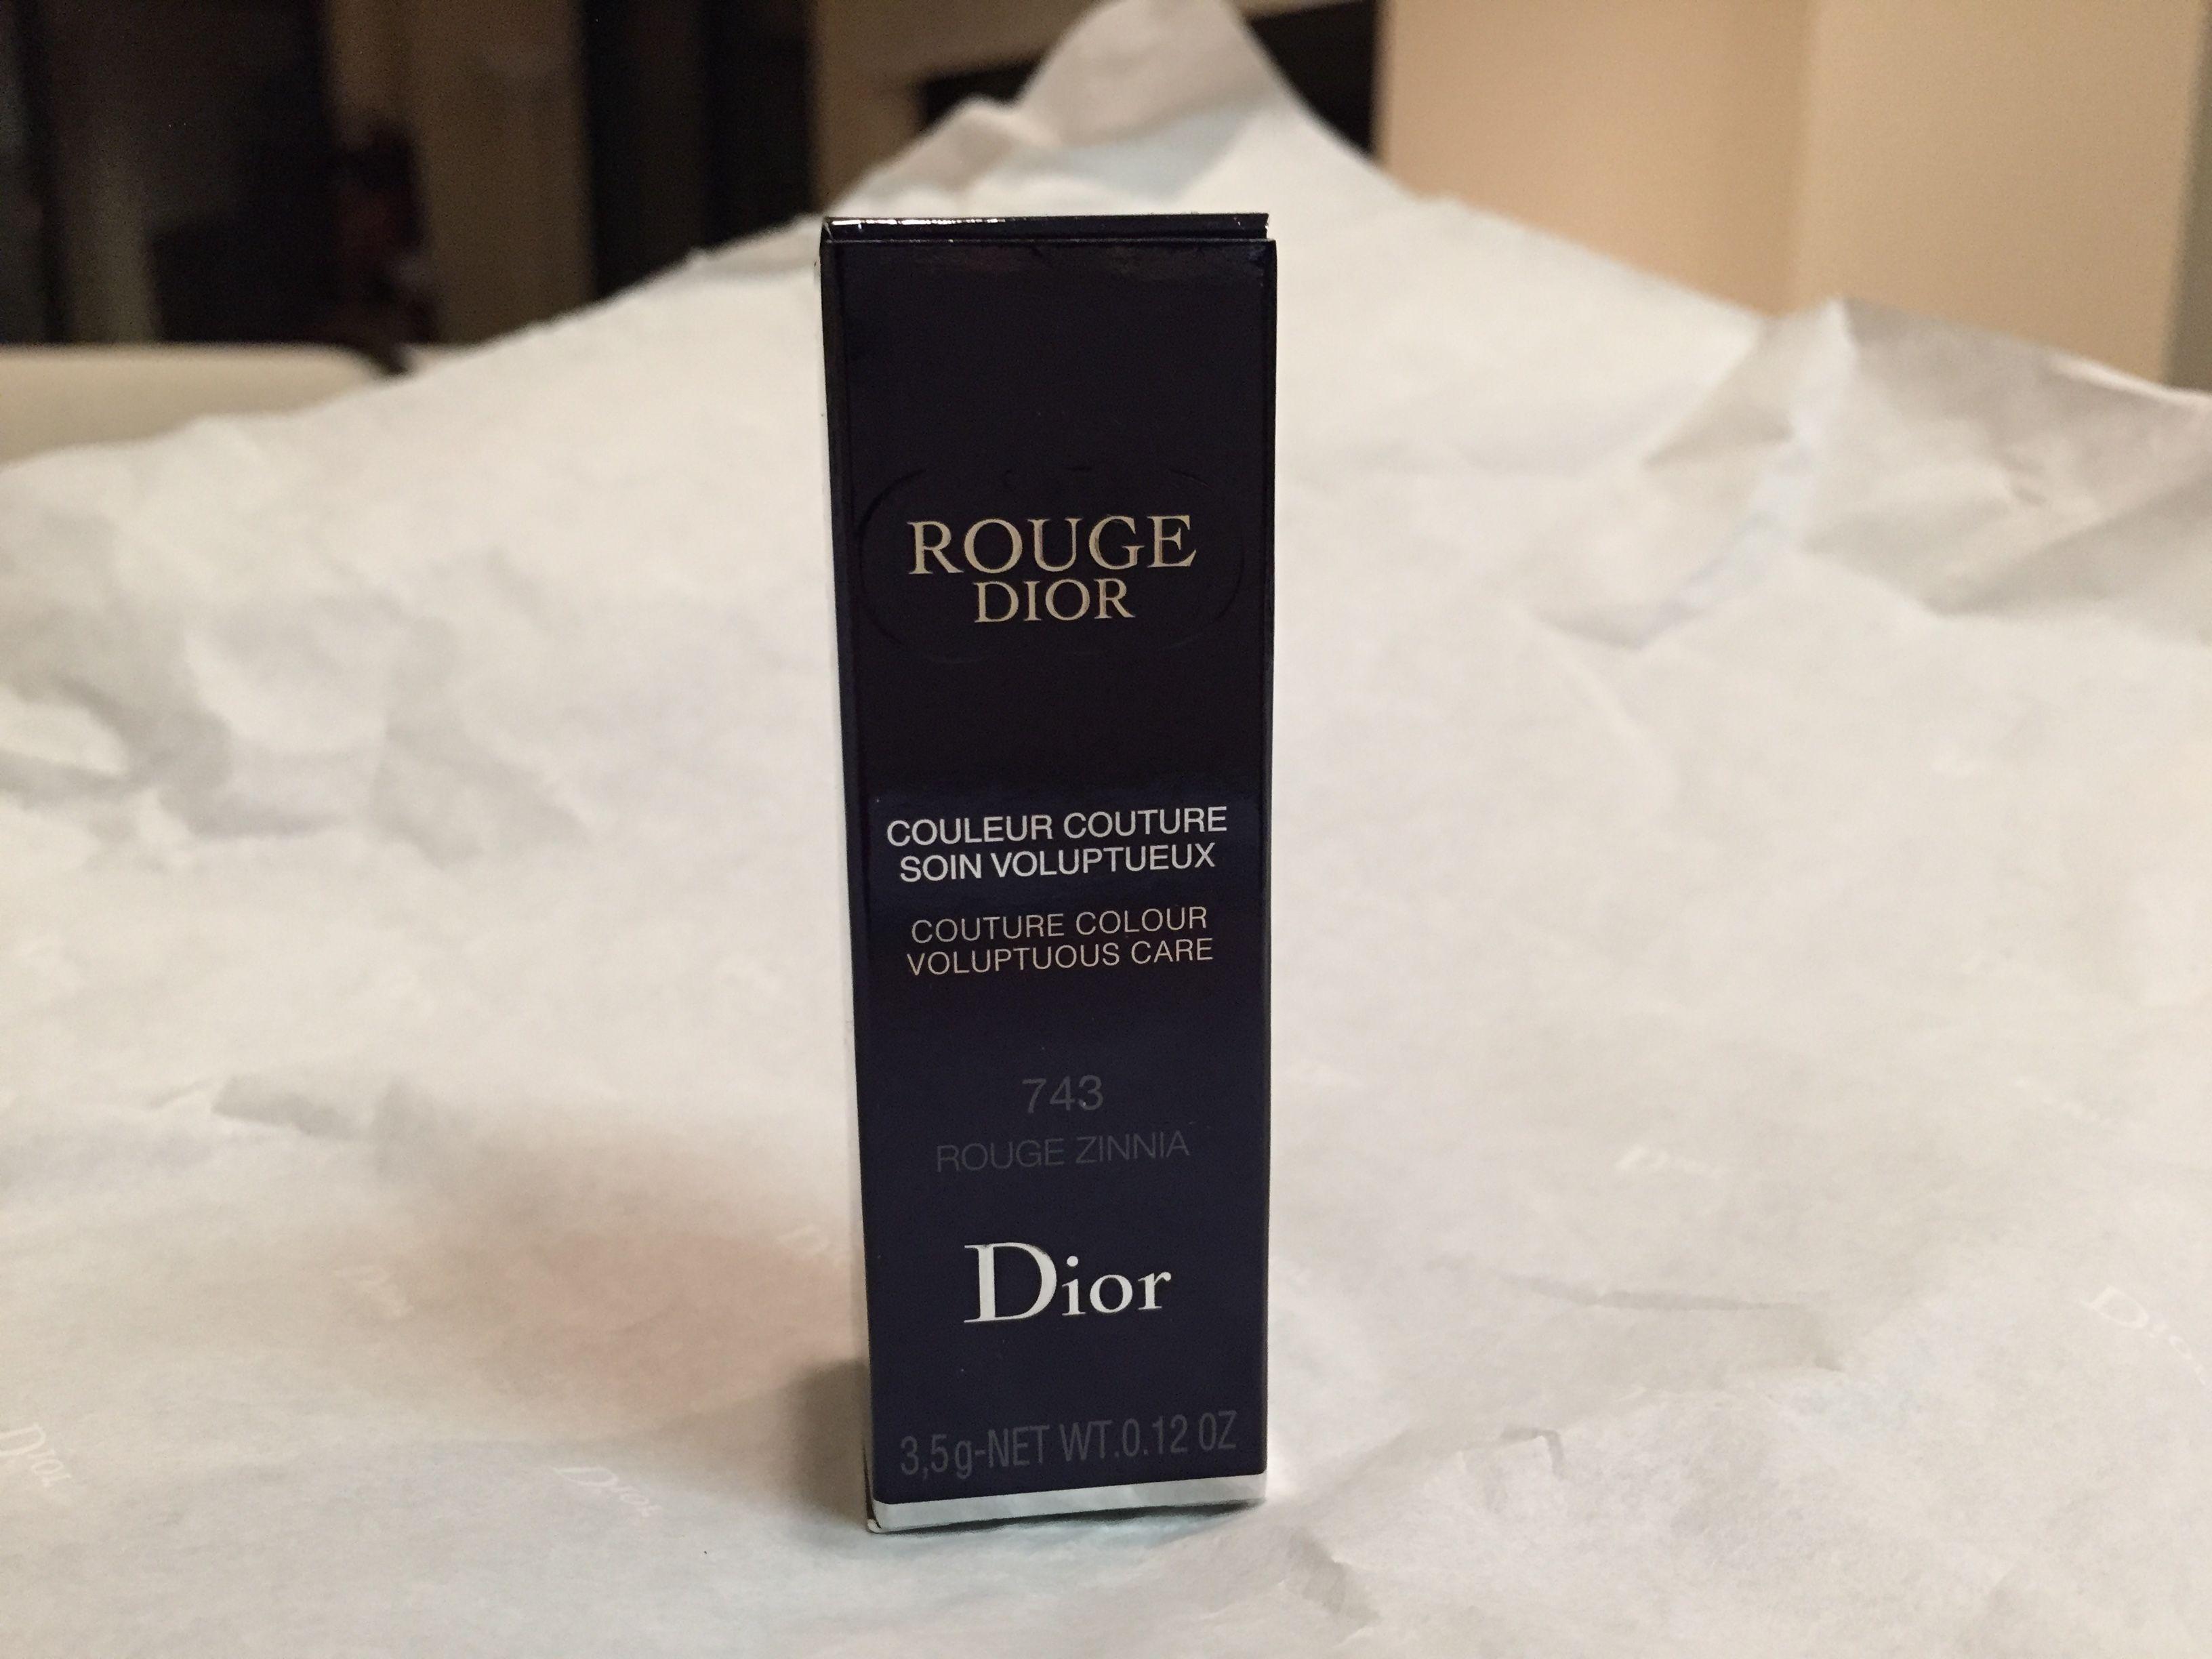 Dior Rouge Dior Couture Colour Voluptuous Care Lipstick In 743